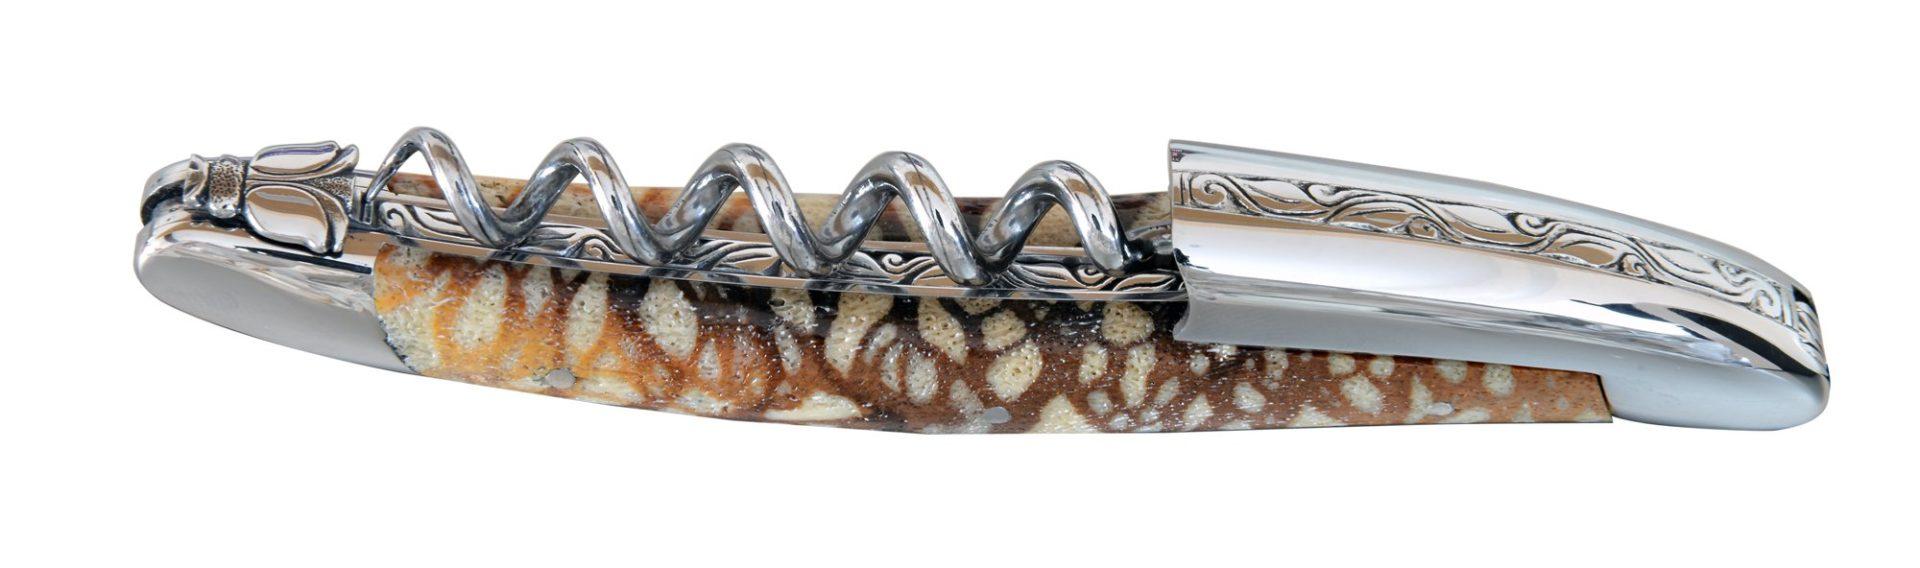 Tire-bouchon sommelier laguiole manche corail